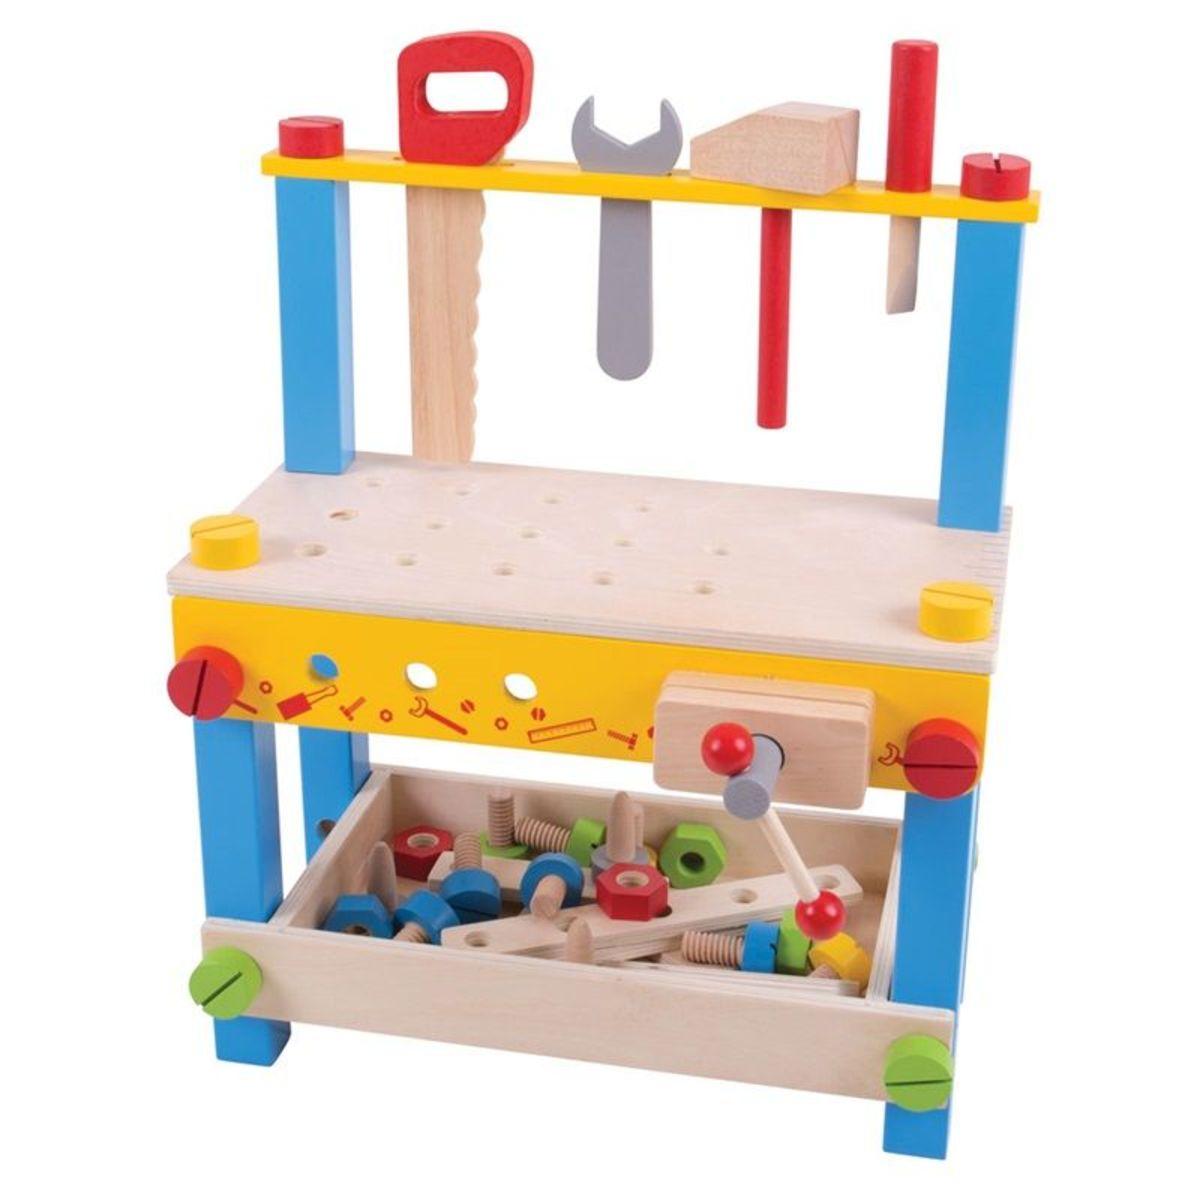 Detská pracovná dielňa s náradím Wooden workshop set